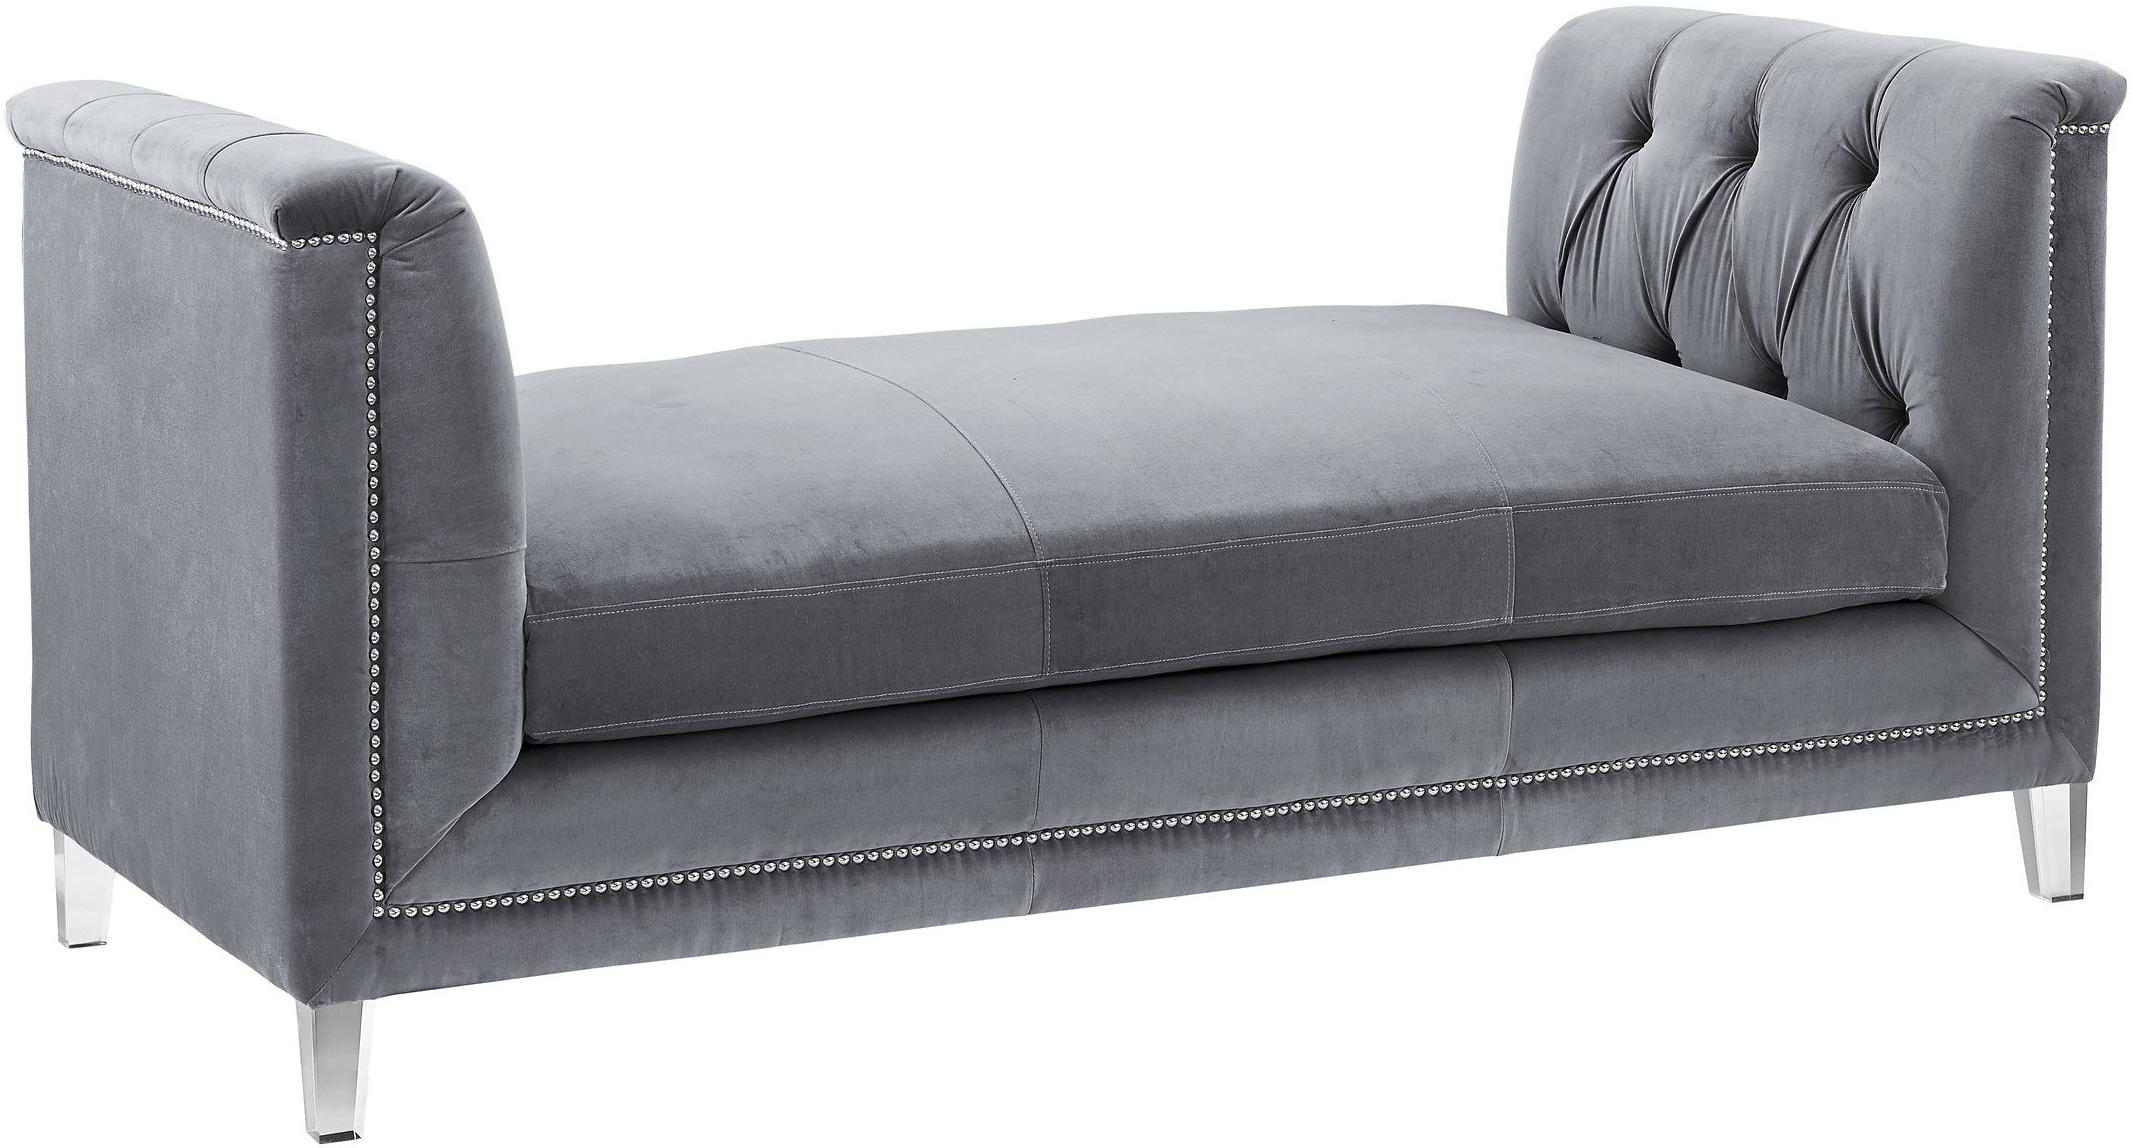 the presidio bench daybed in grey velvet